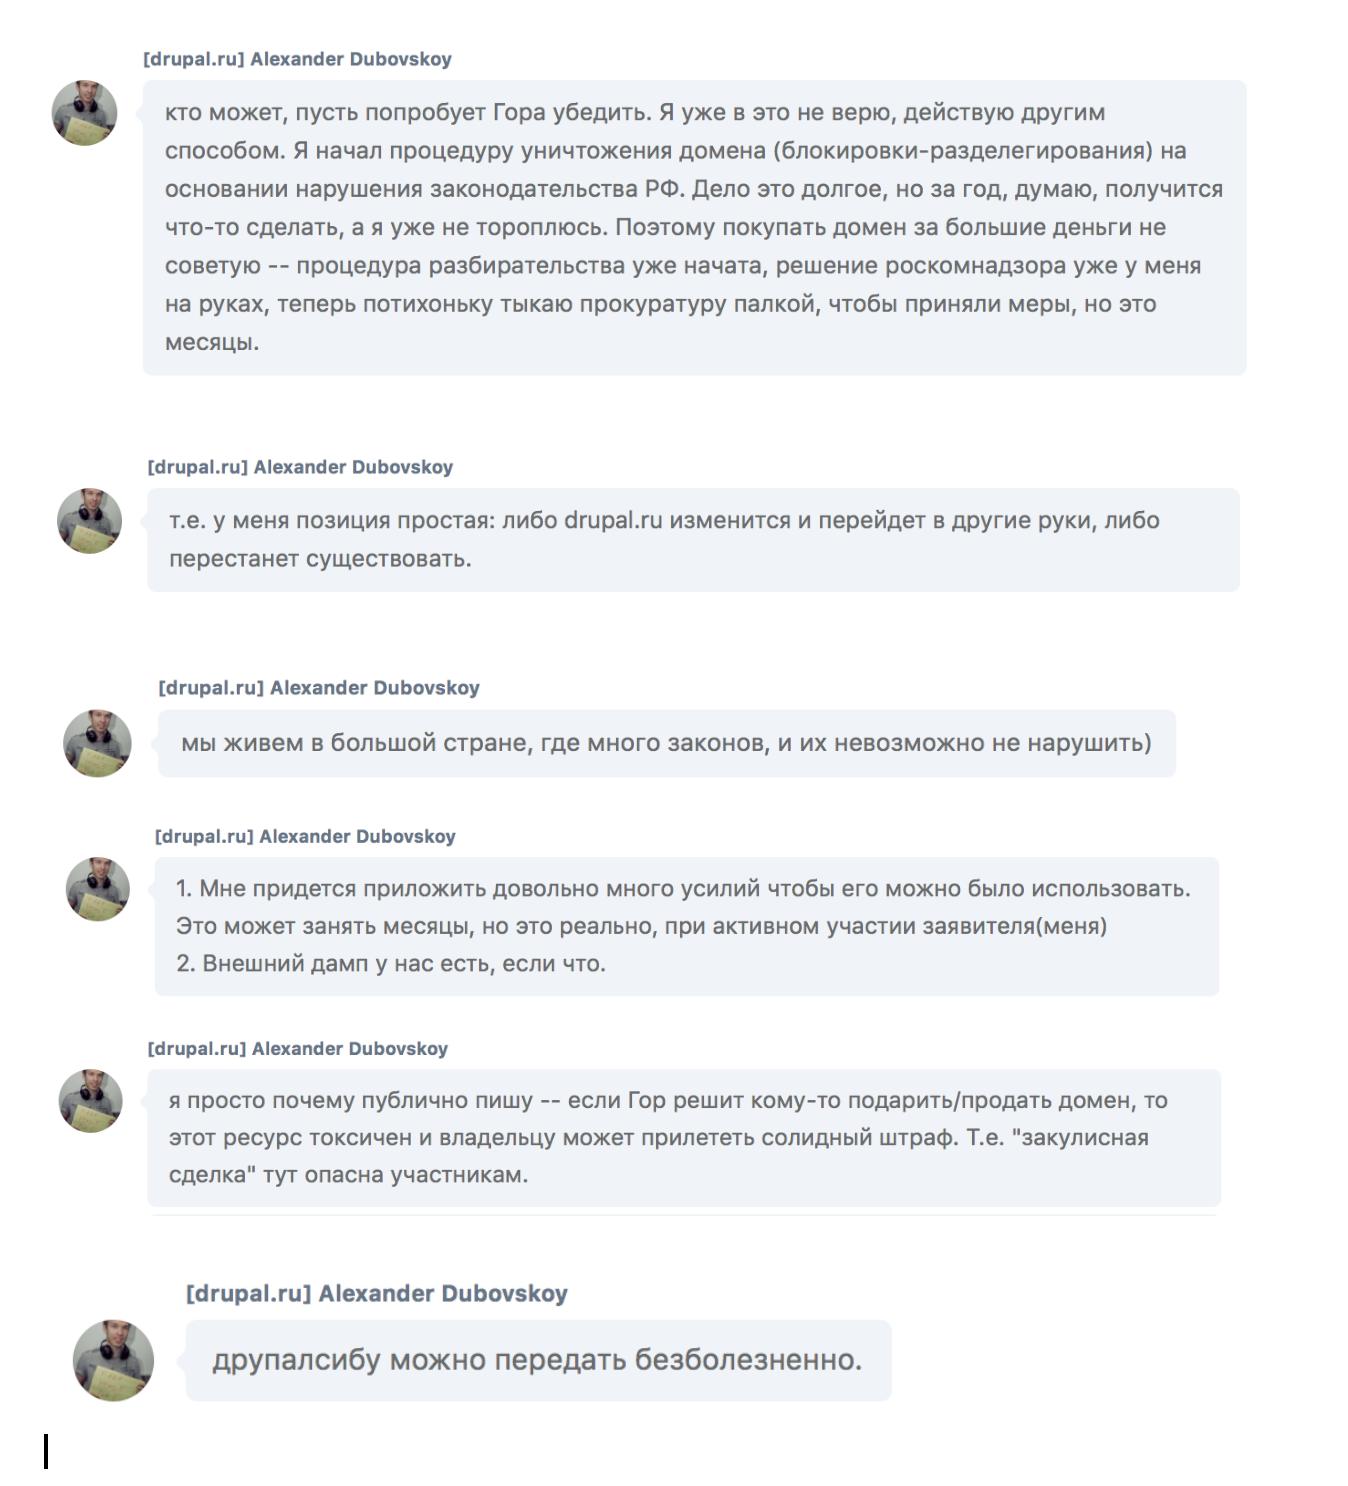 дубовской сообщает о решении разименования домена